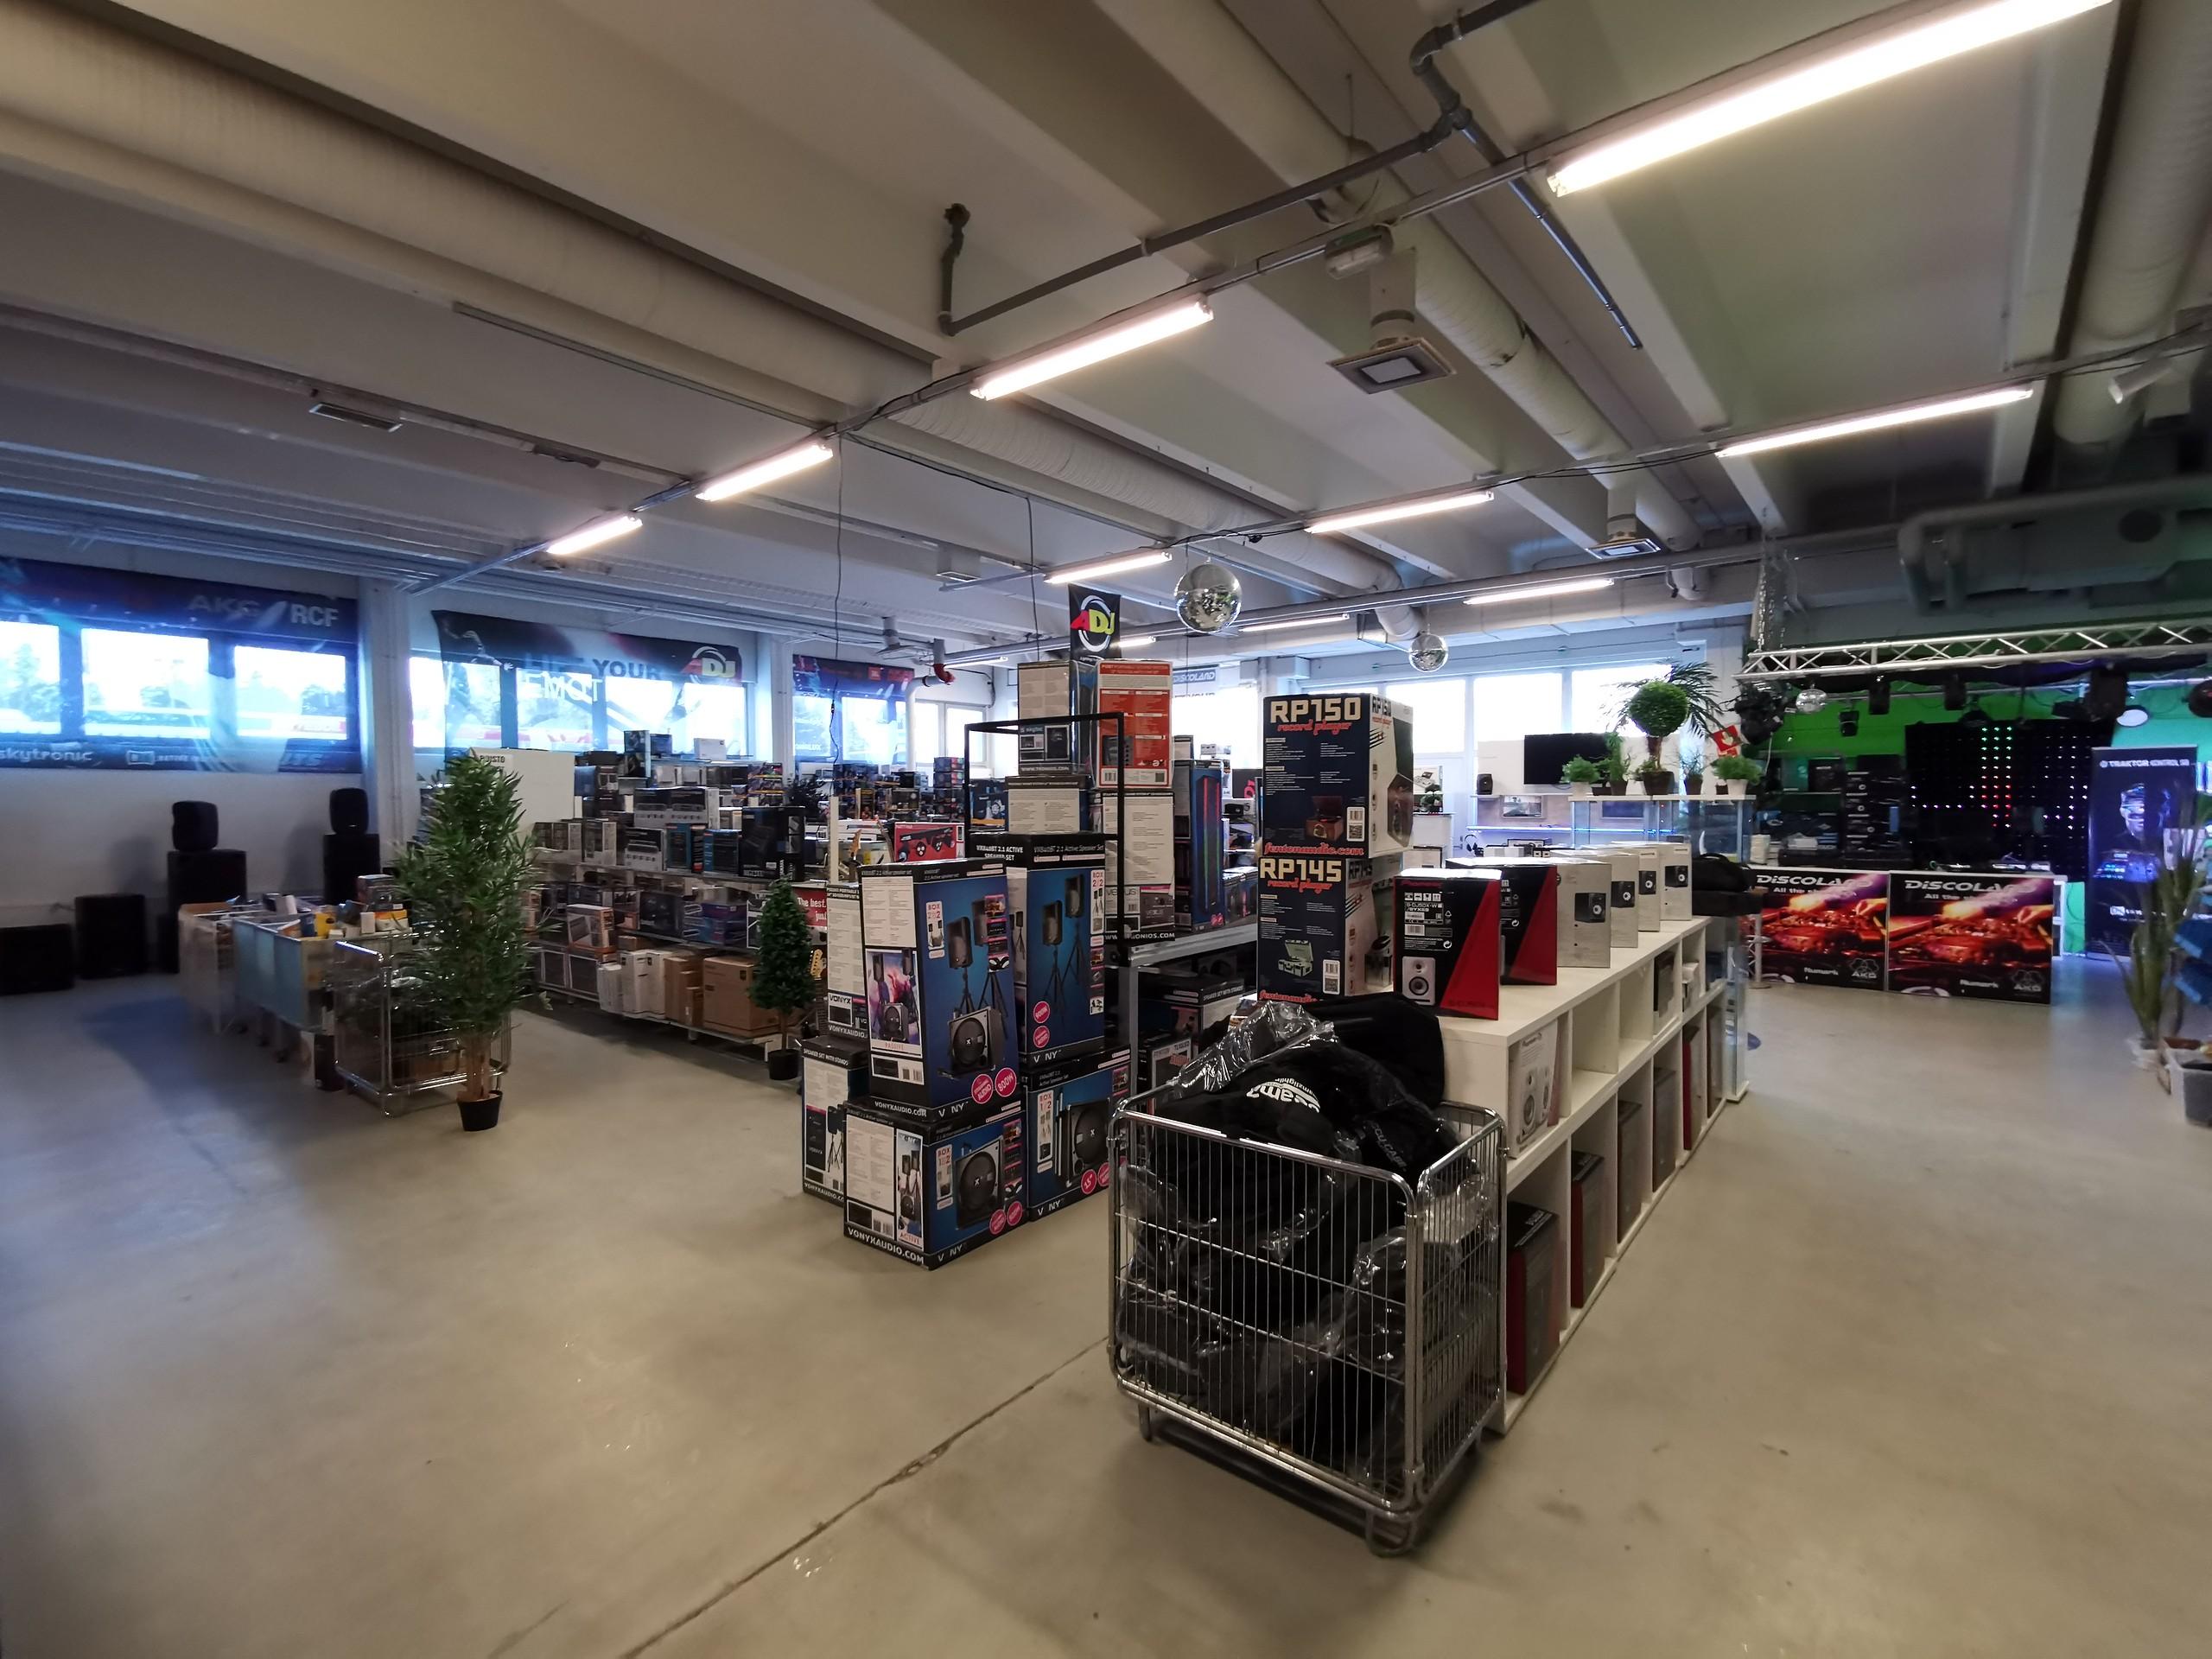 Linnavuorentie 28, Vartiokylä, Vartioharju, Helsinki